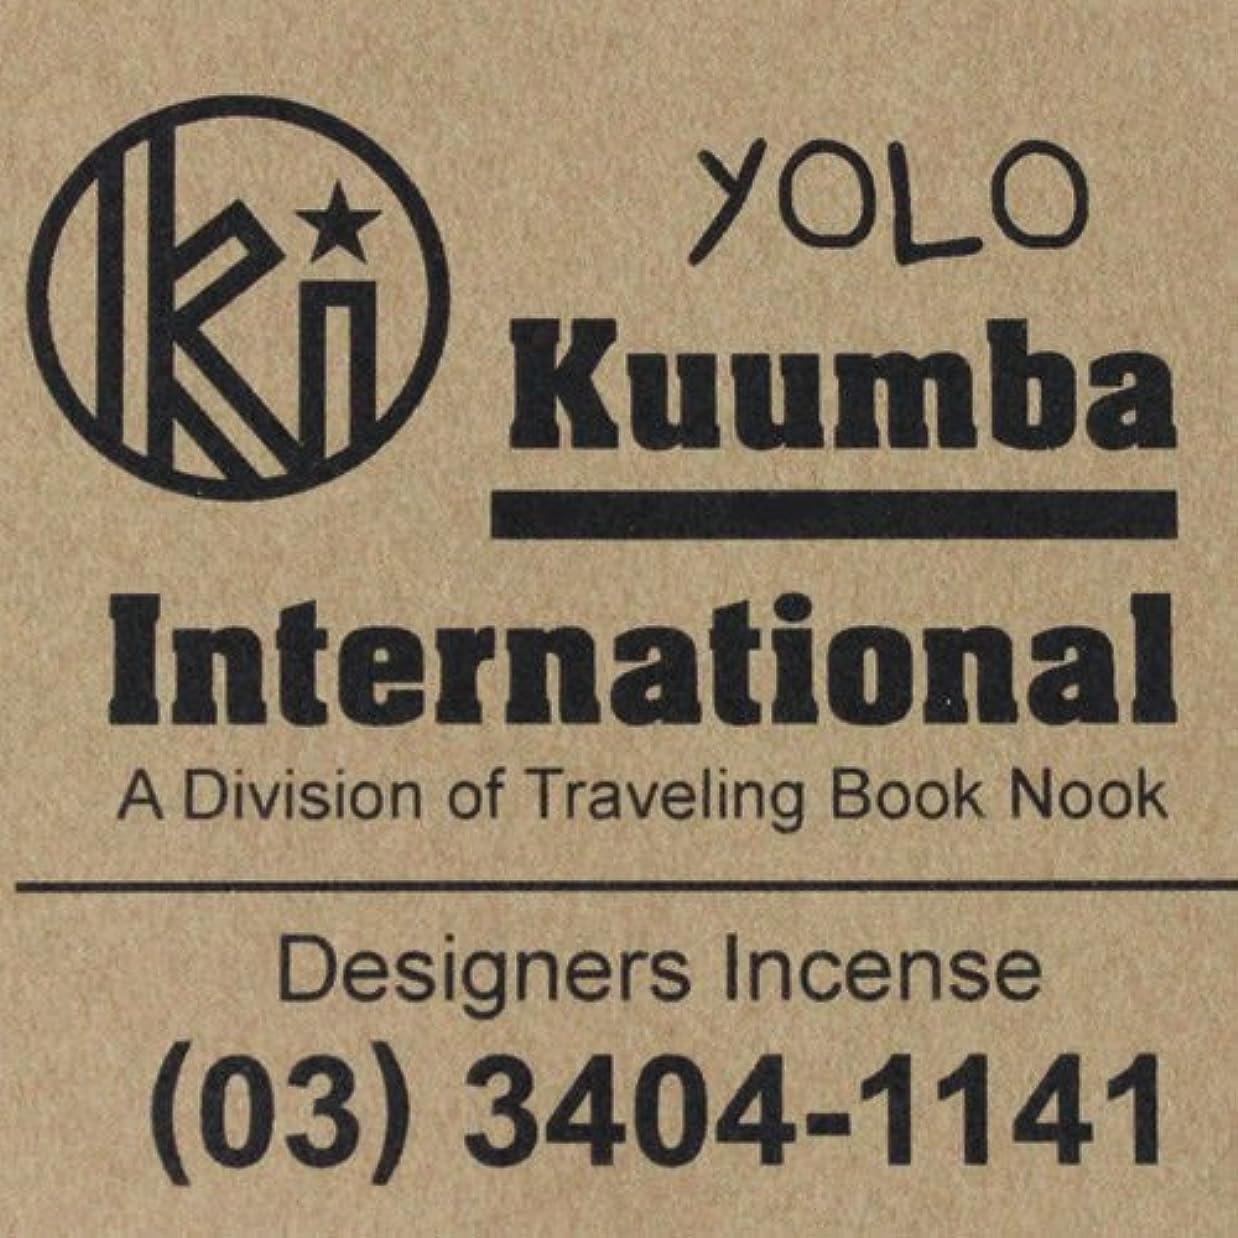 マラウイ子供達請負業者Kuumba(クンバ)『incense』(YOLO) (Regular size)